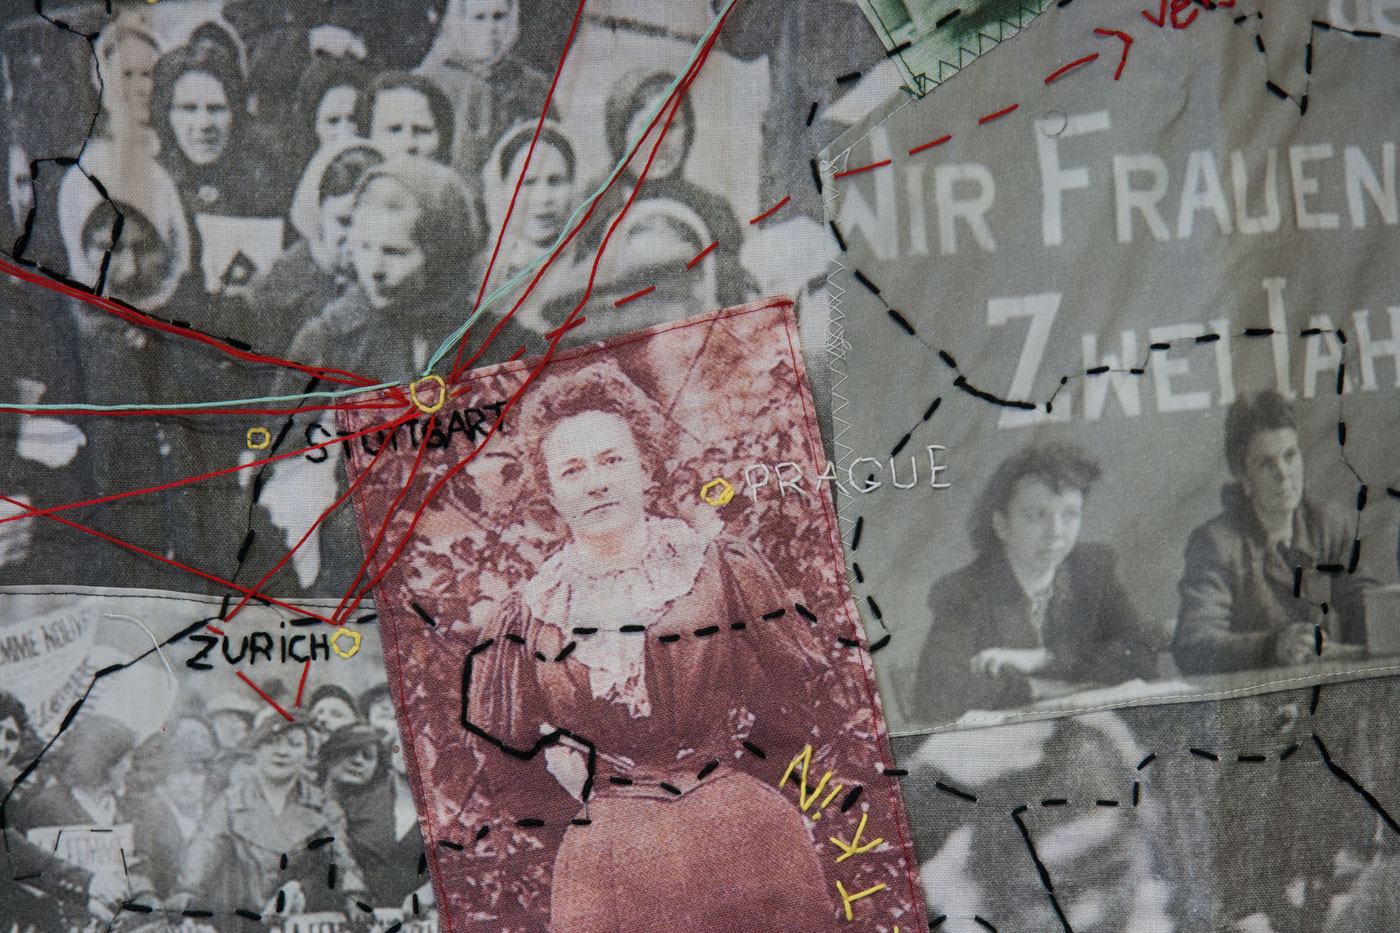 Panneau textile Le gac-Lemel-Zedkin-Gruenig, détail, mars 2018, Marie-Claire Raoul